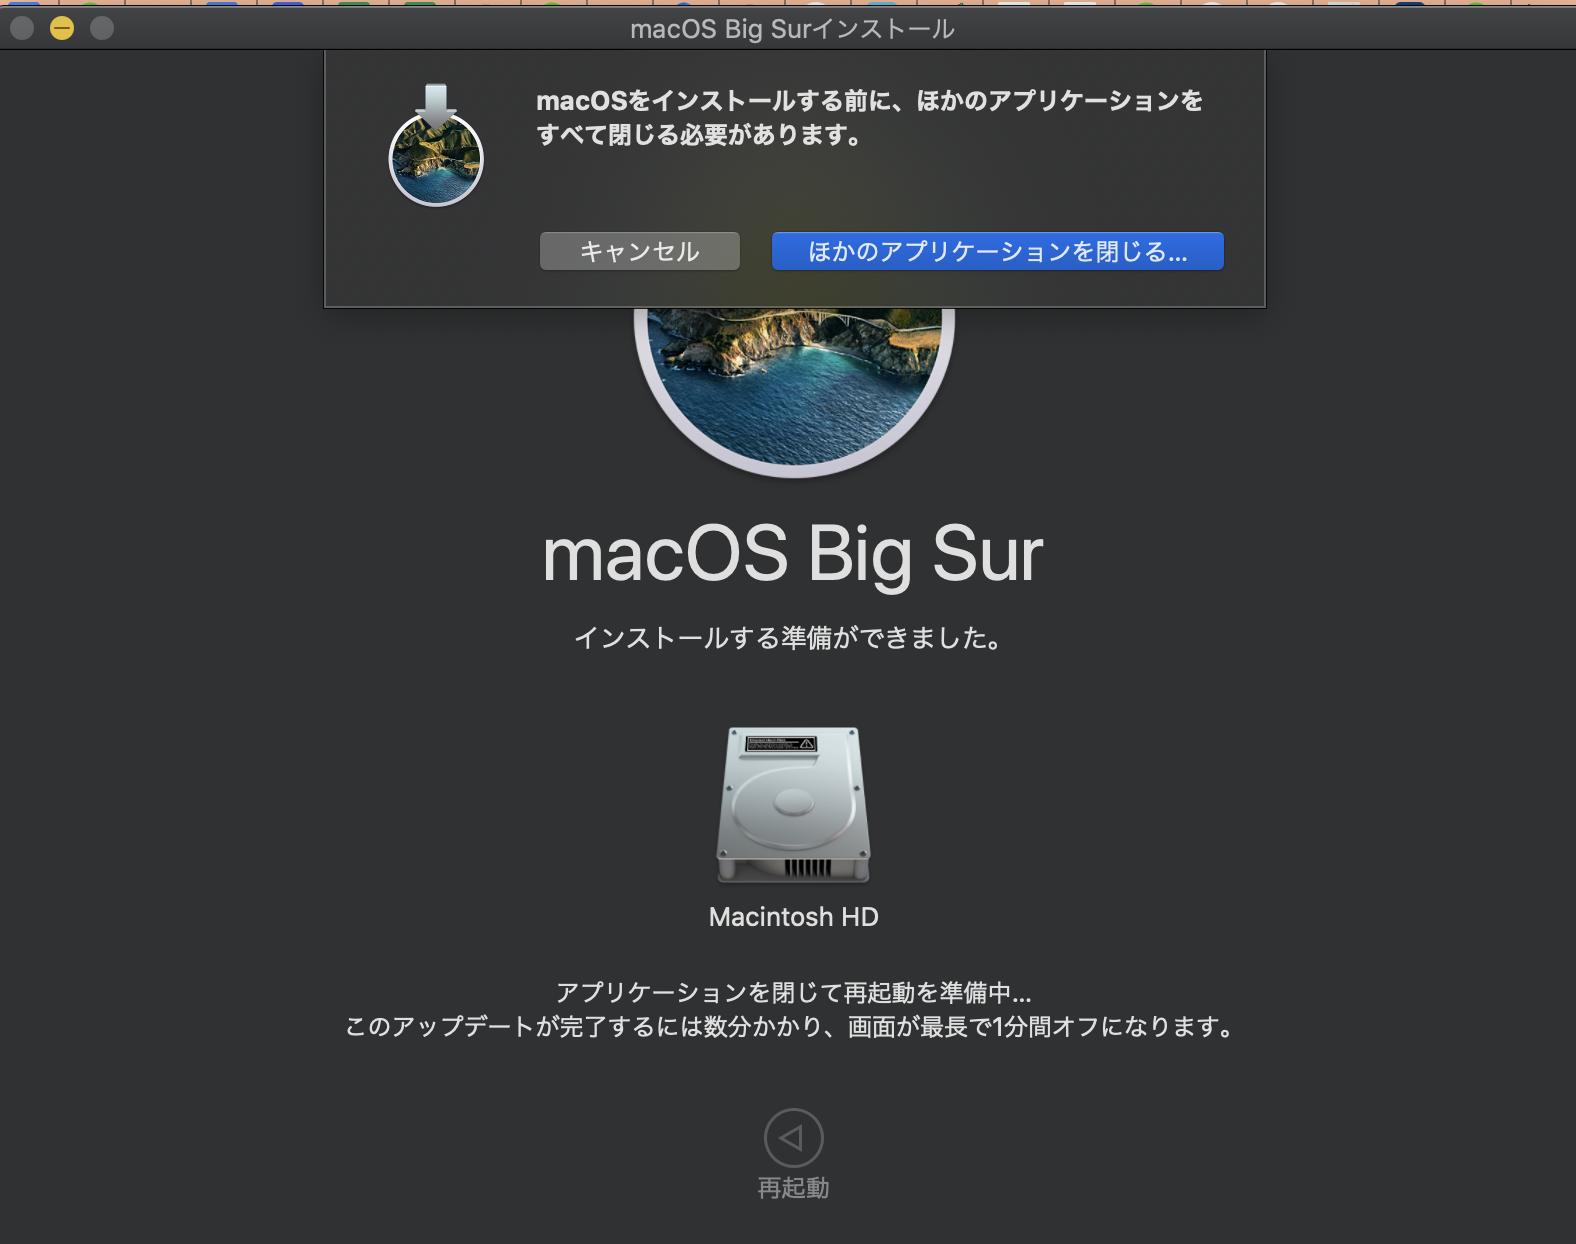 スクリーンショット 2020-11-13 17.32.37.png